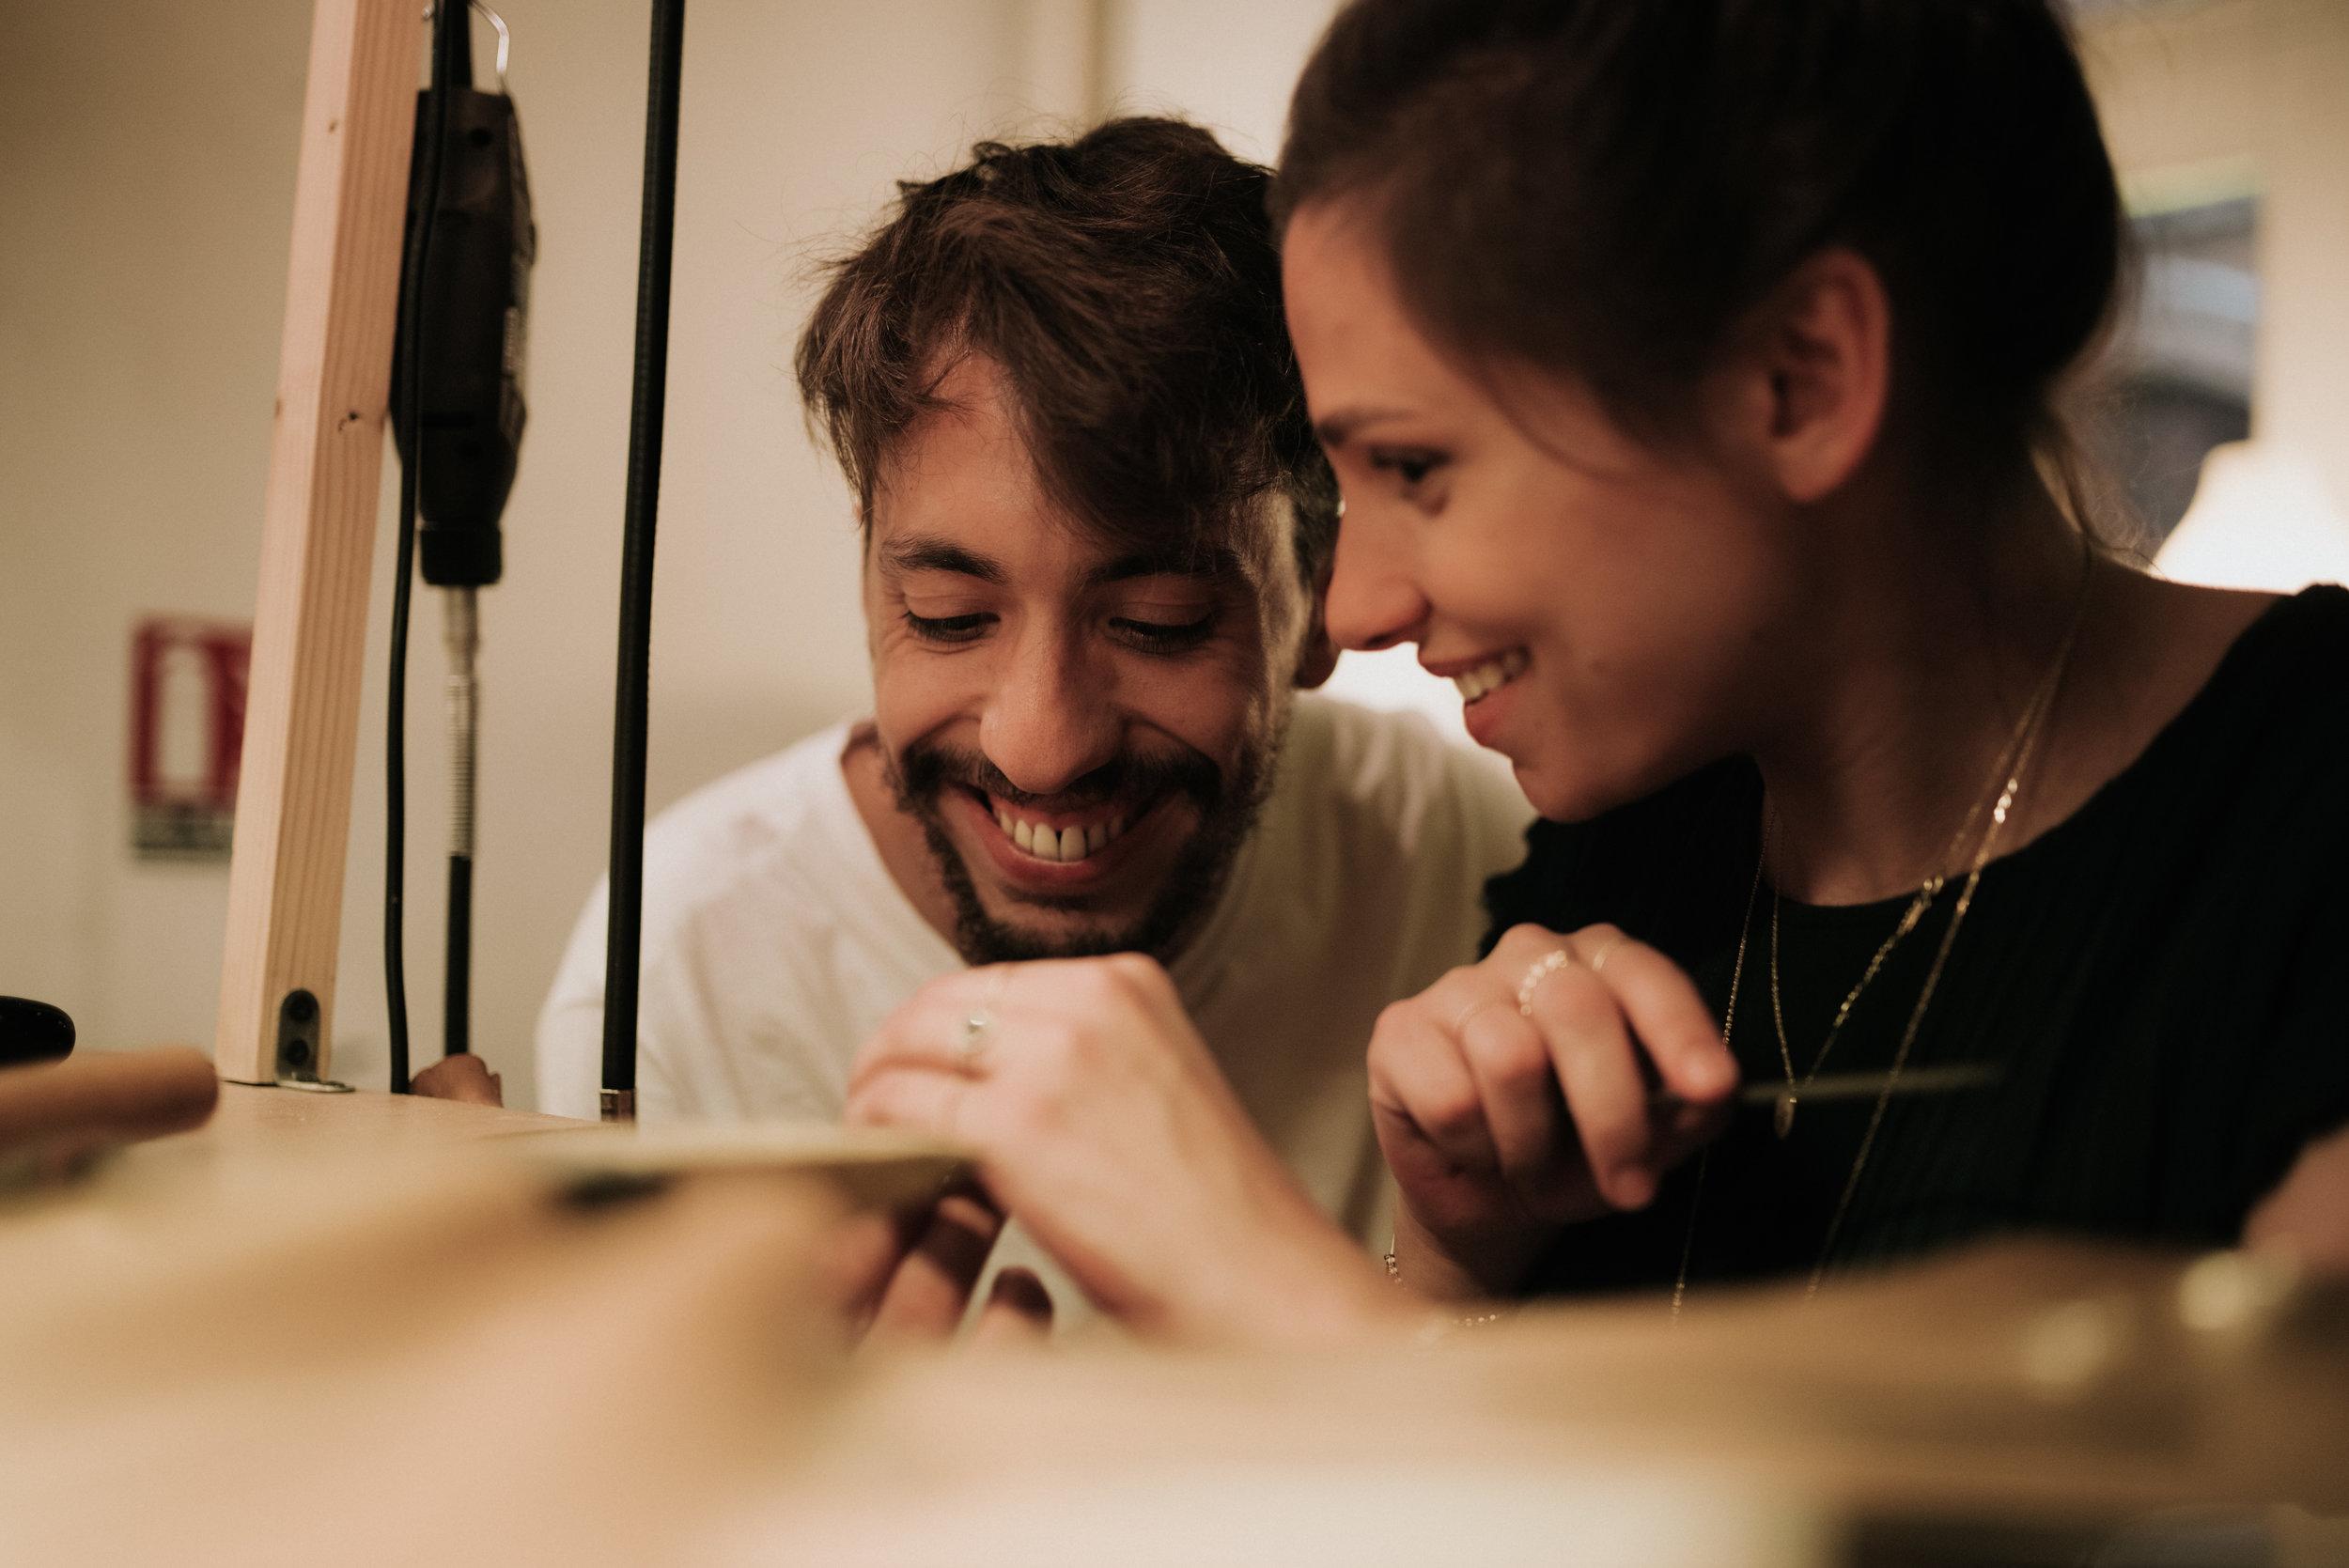 Léa-Fery-photographe-professionnel-lyon-rhone-alpes-portrait-creation-mariage-evenement-evenementiel-famille-9072.jpg